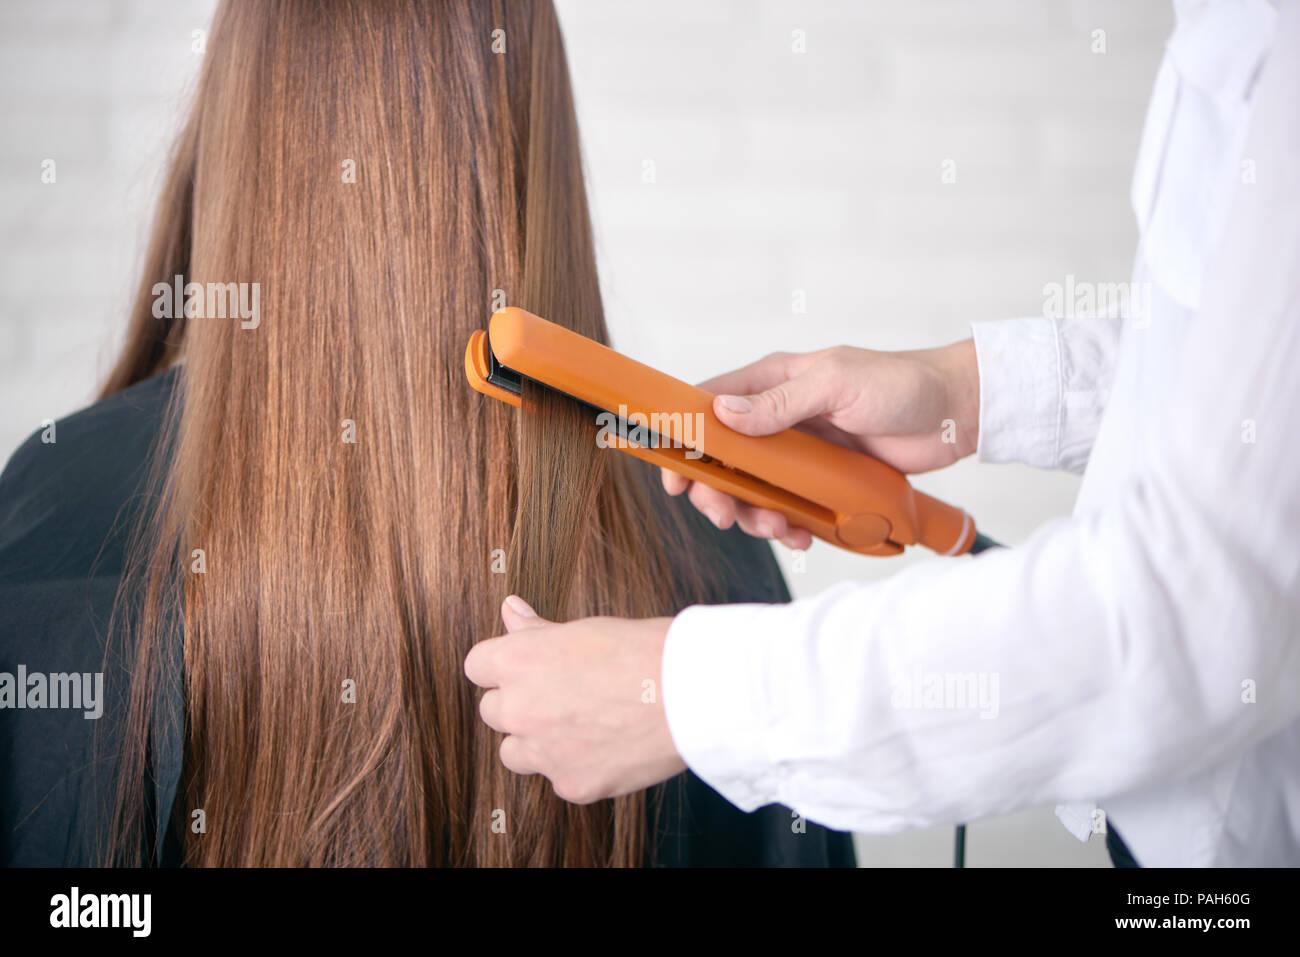 Vue arrière de coiffure straighting longs cheveux bruns du client. Modèle avoir lisse, droit, glancy, la santé des cheveux, assise recouverte d'une cape noire. Hairstyler wearing white shirt classique. Photo Stock